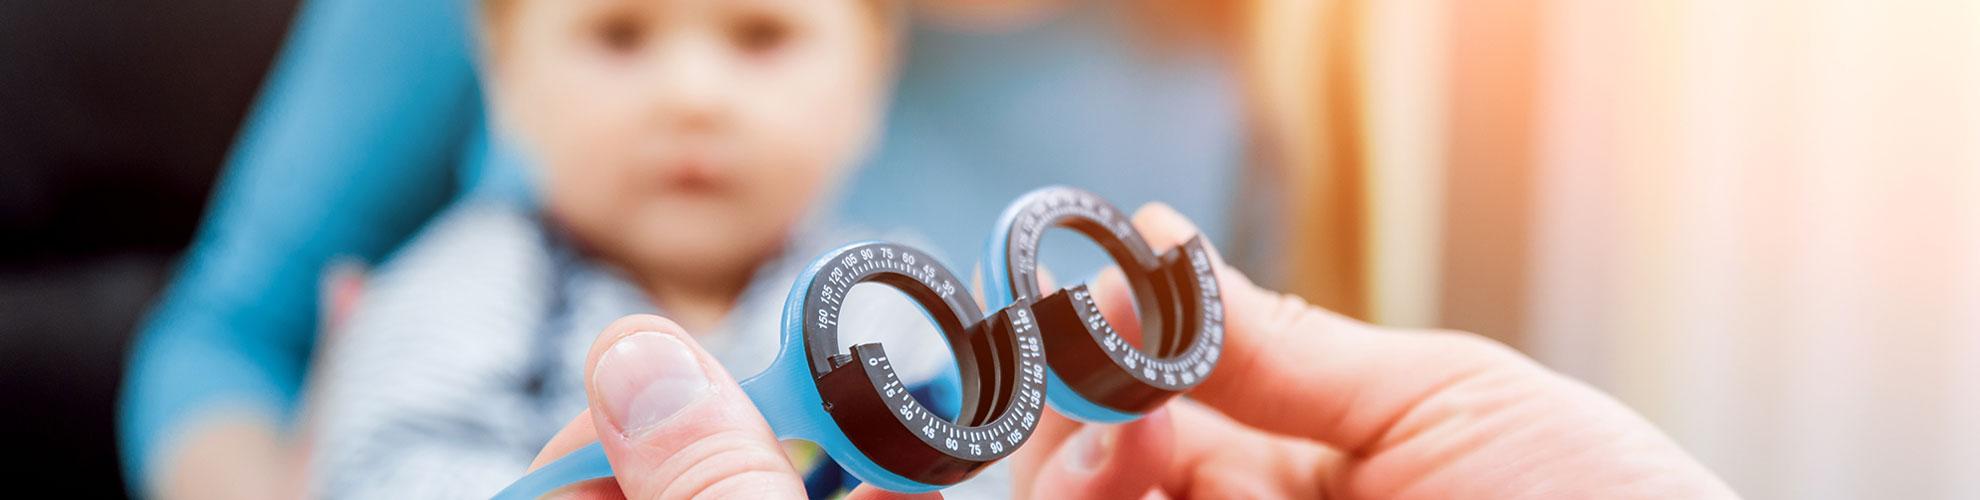 baby pediatric eye care eye eye exam